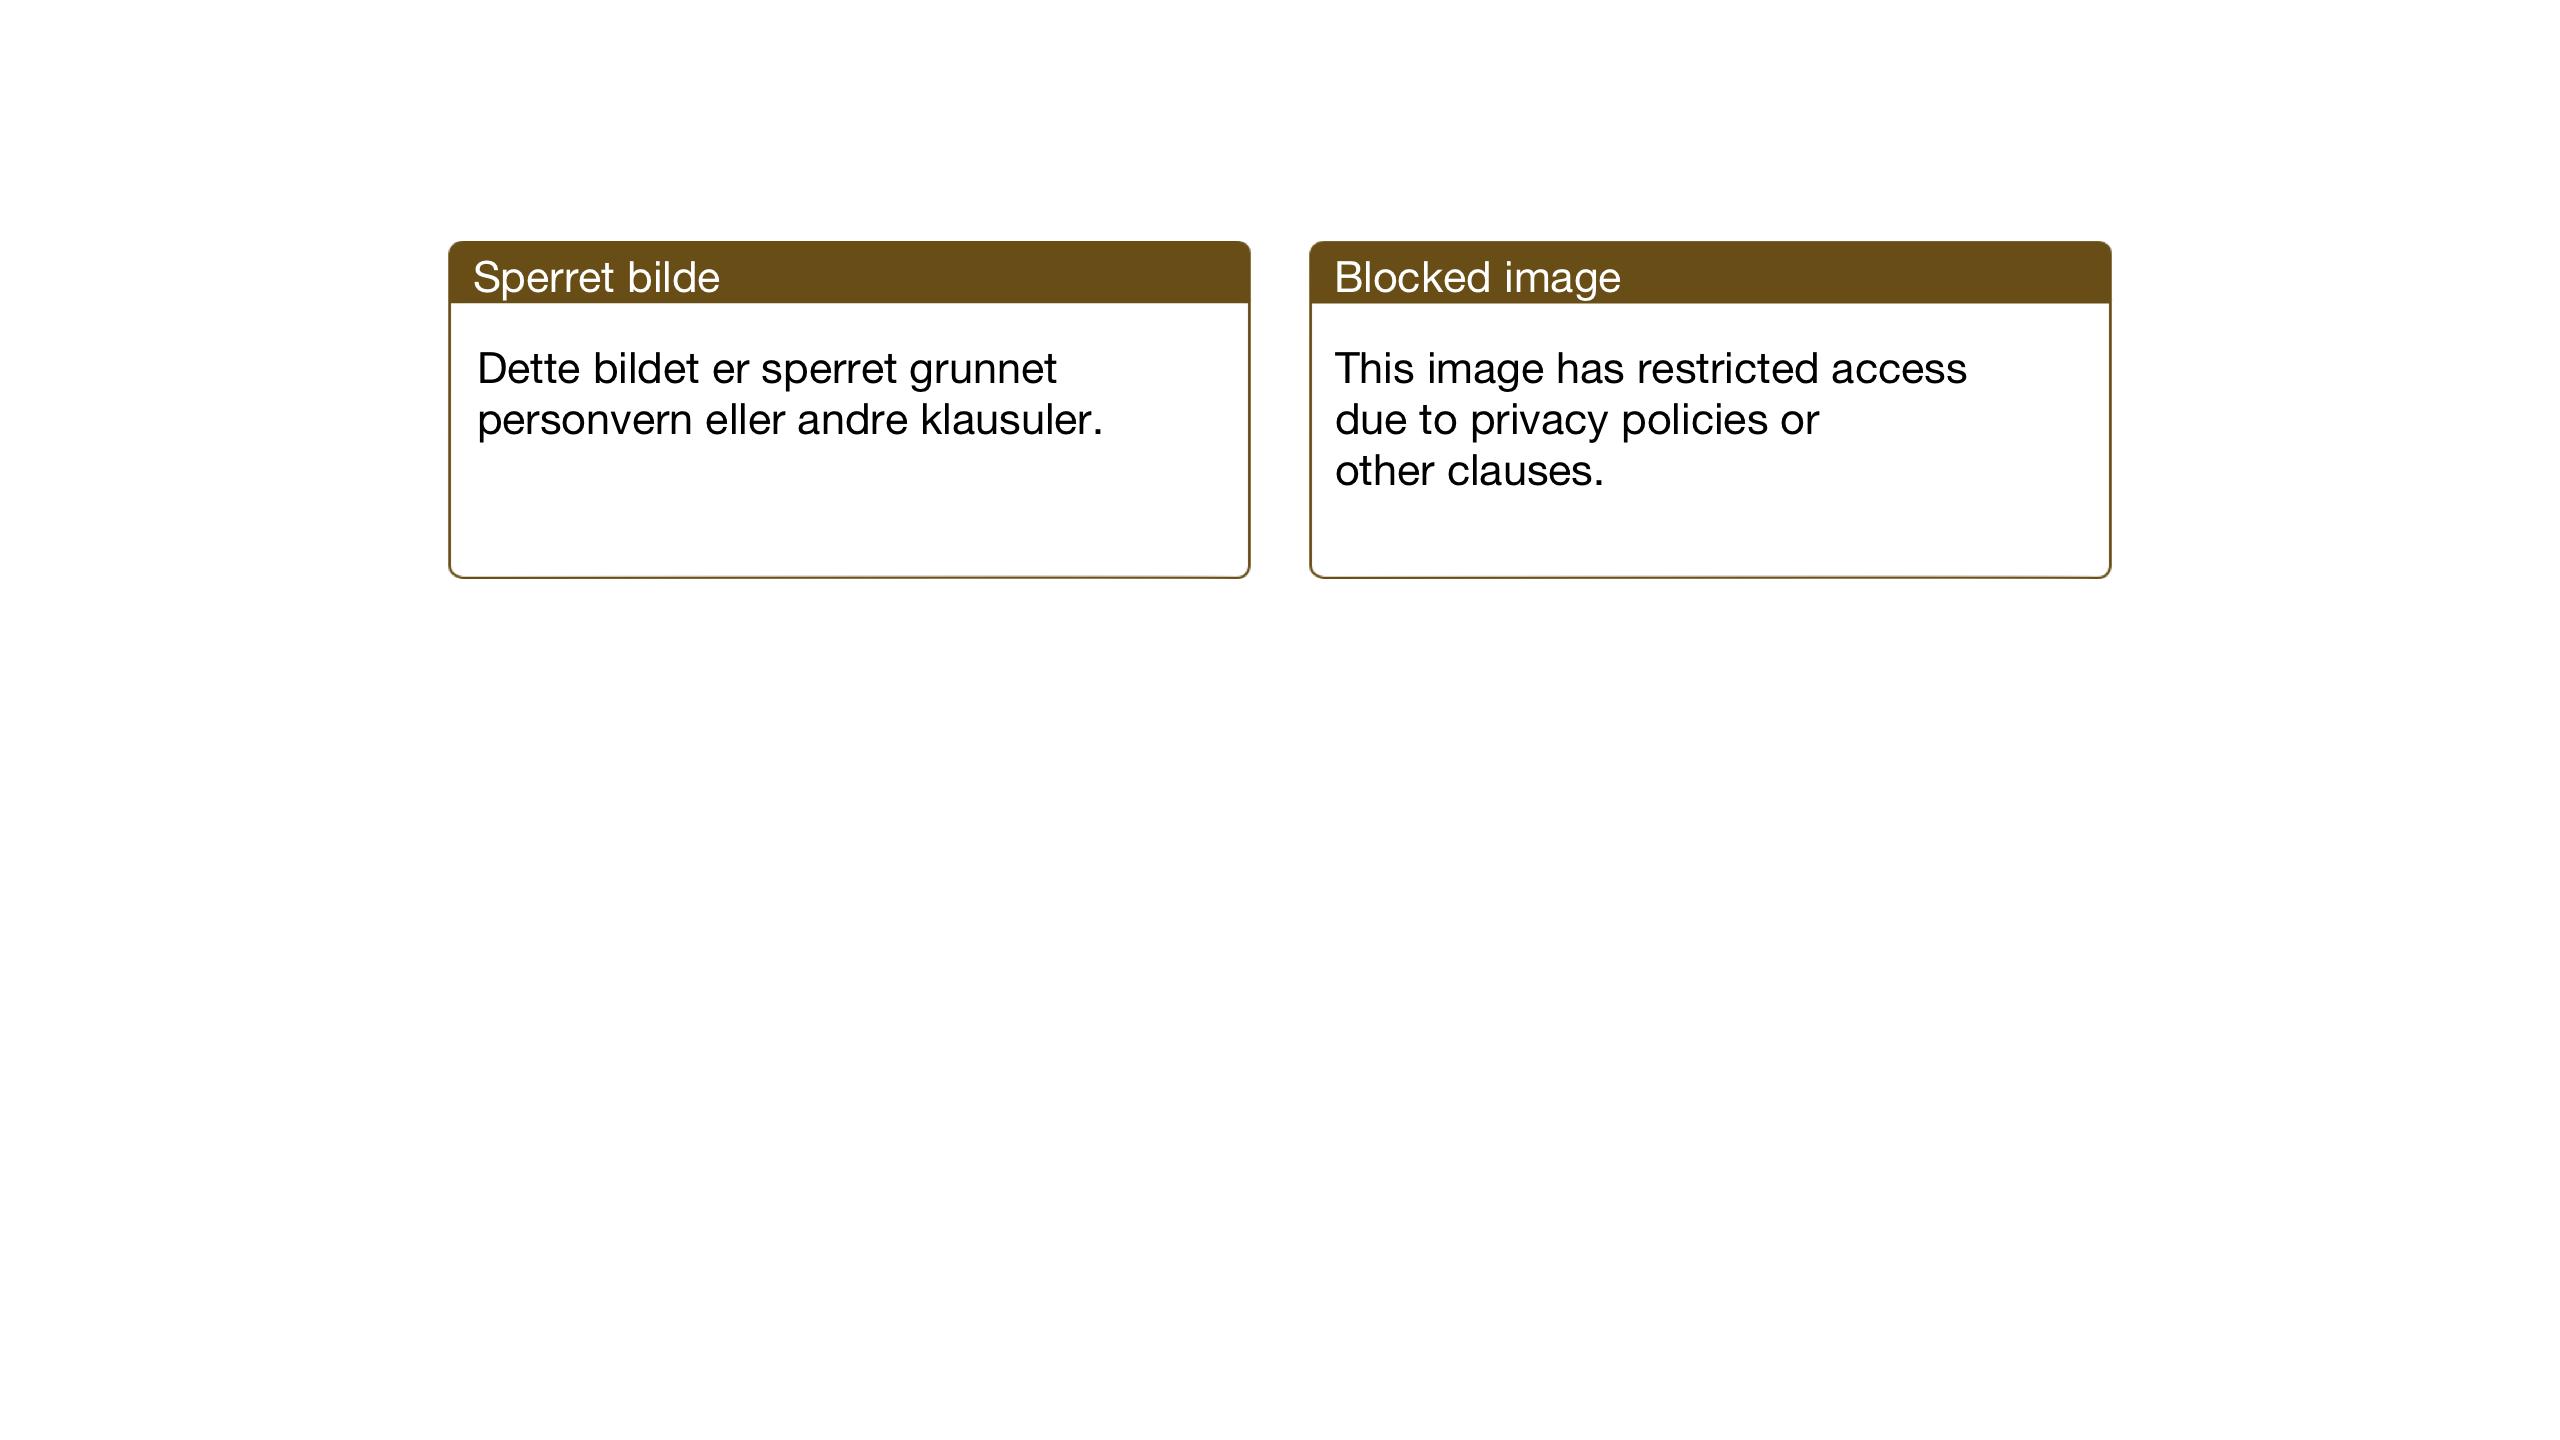 SAT, Ministerialprotokoller, klokkerbøker og fødselsregistre - Sør-Trøndelag, 662/L0758: Klokkerbok nr. 662C03, 1918-1948, s. 159